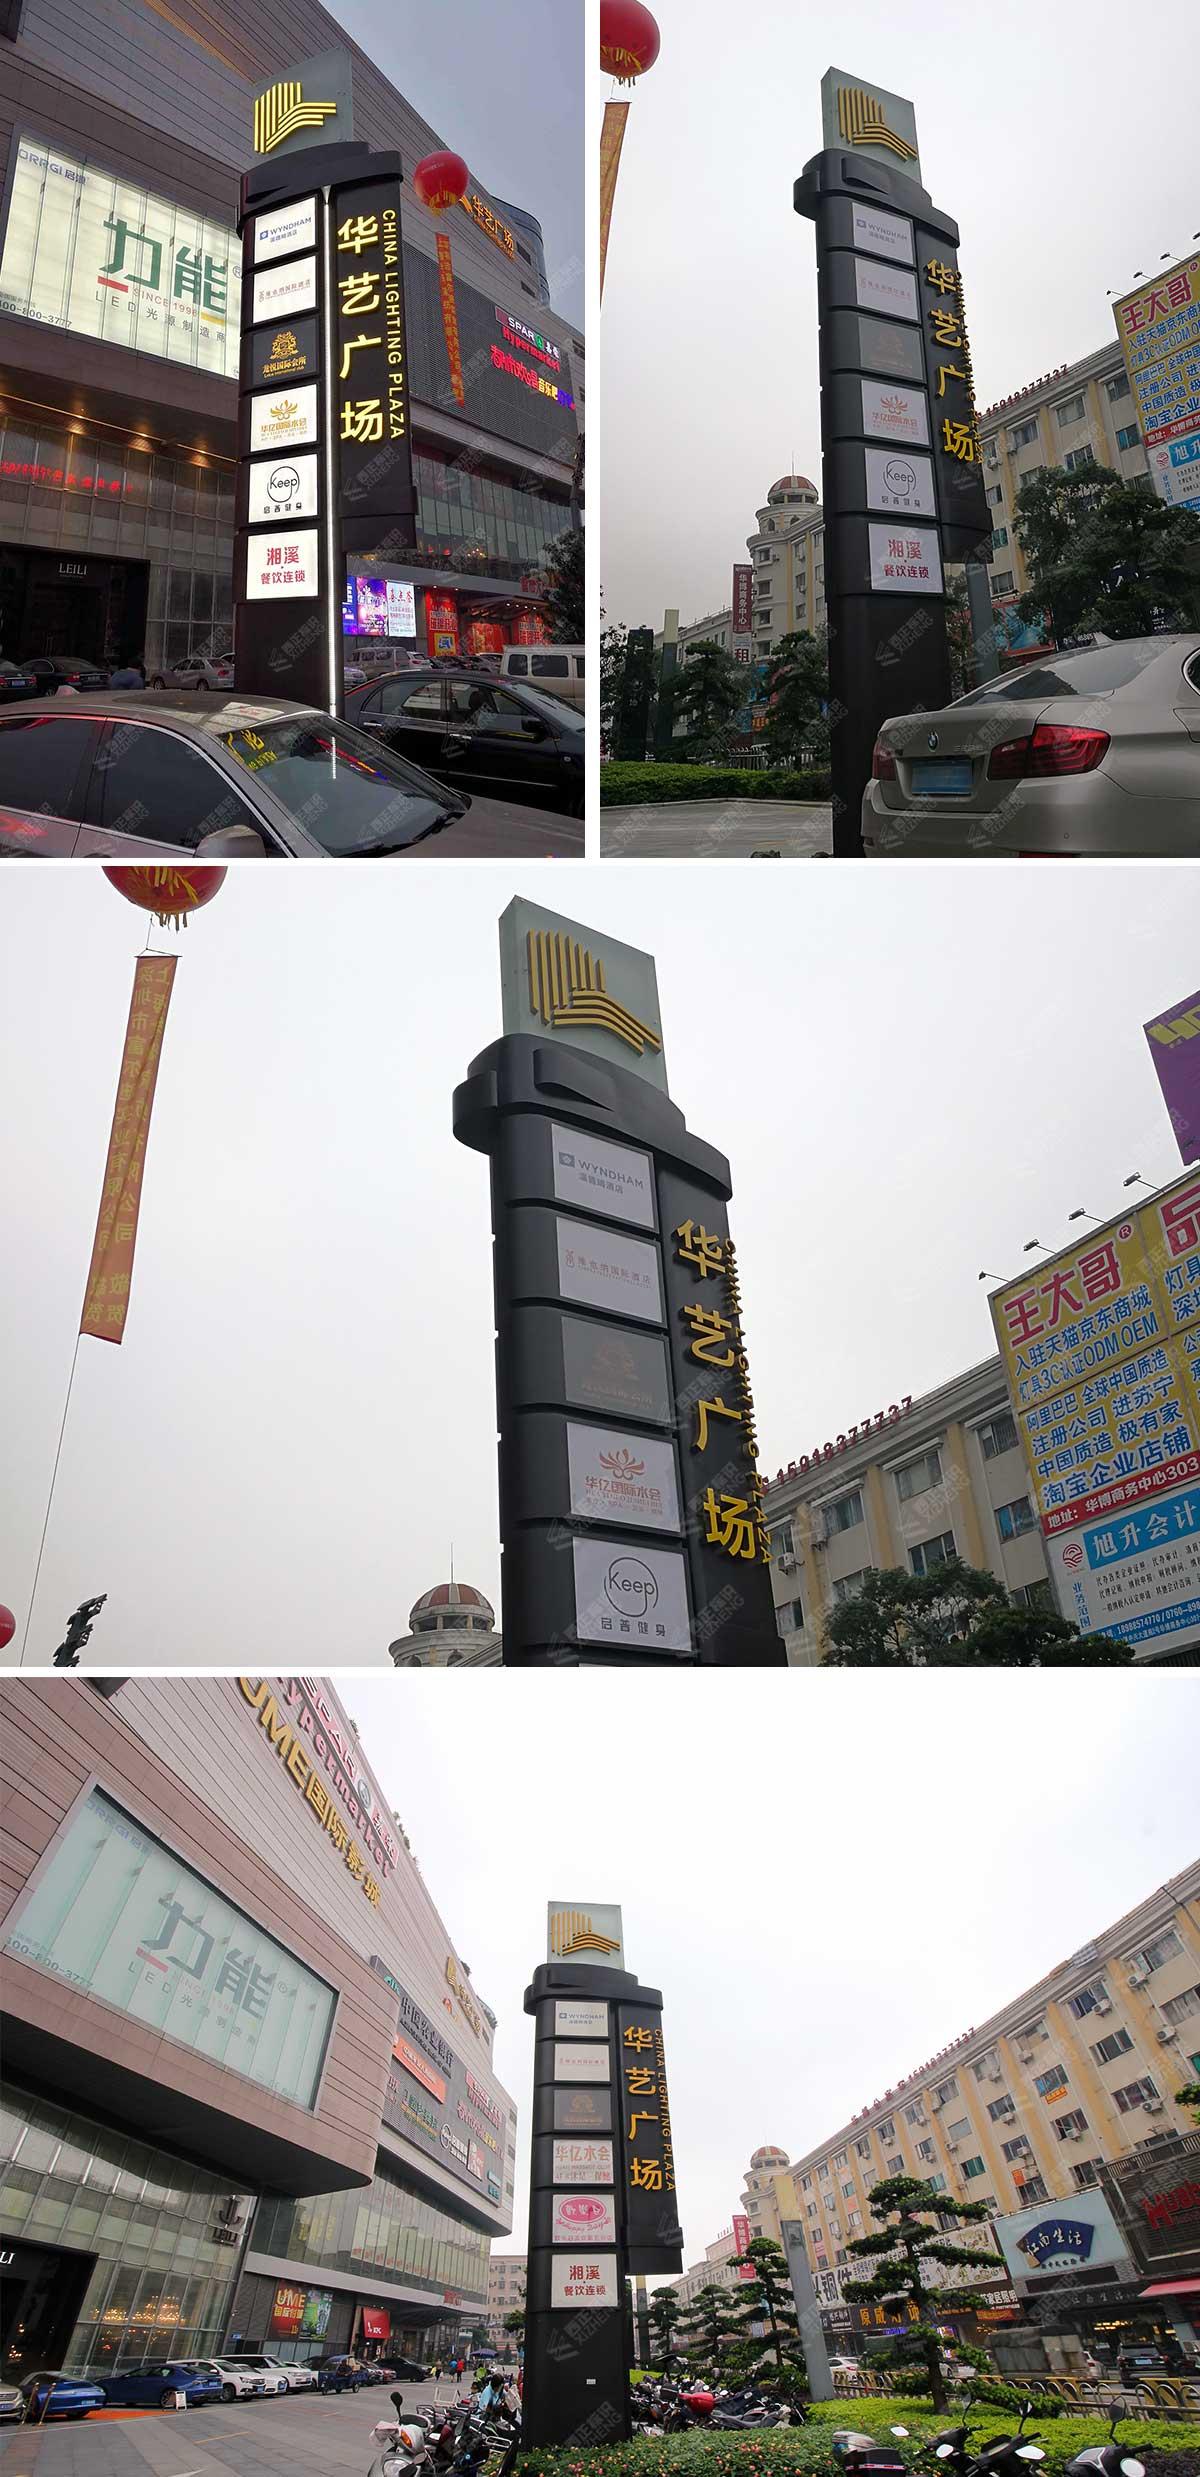 华艺广场灯箱广告位式精神堡垒